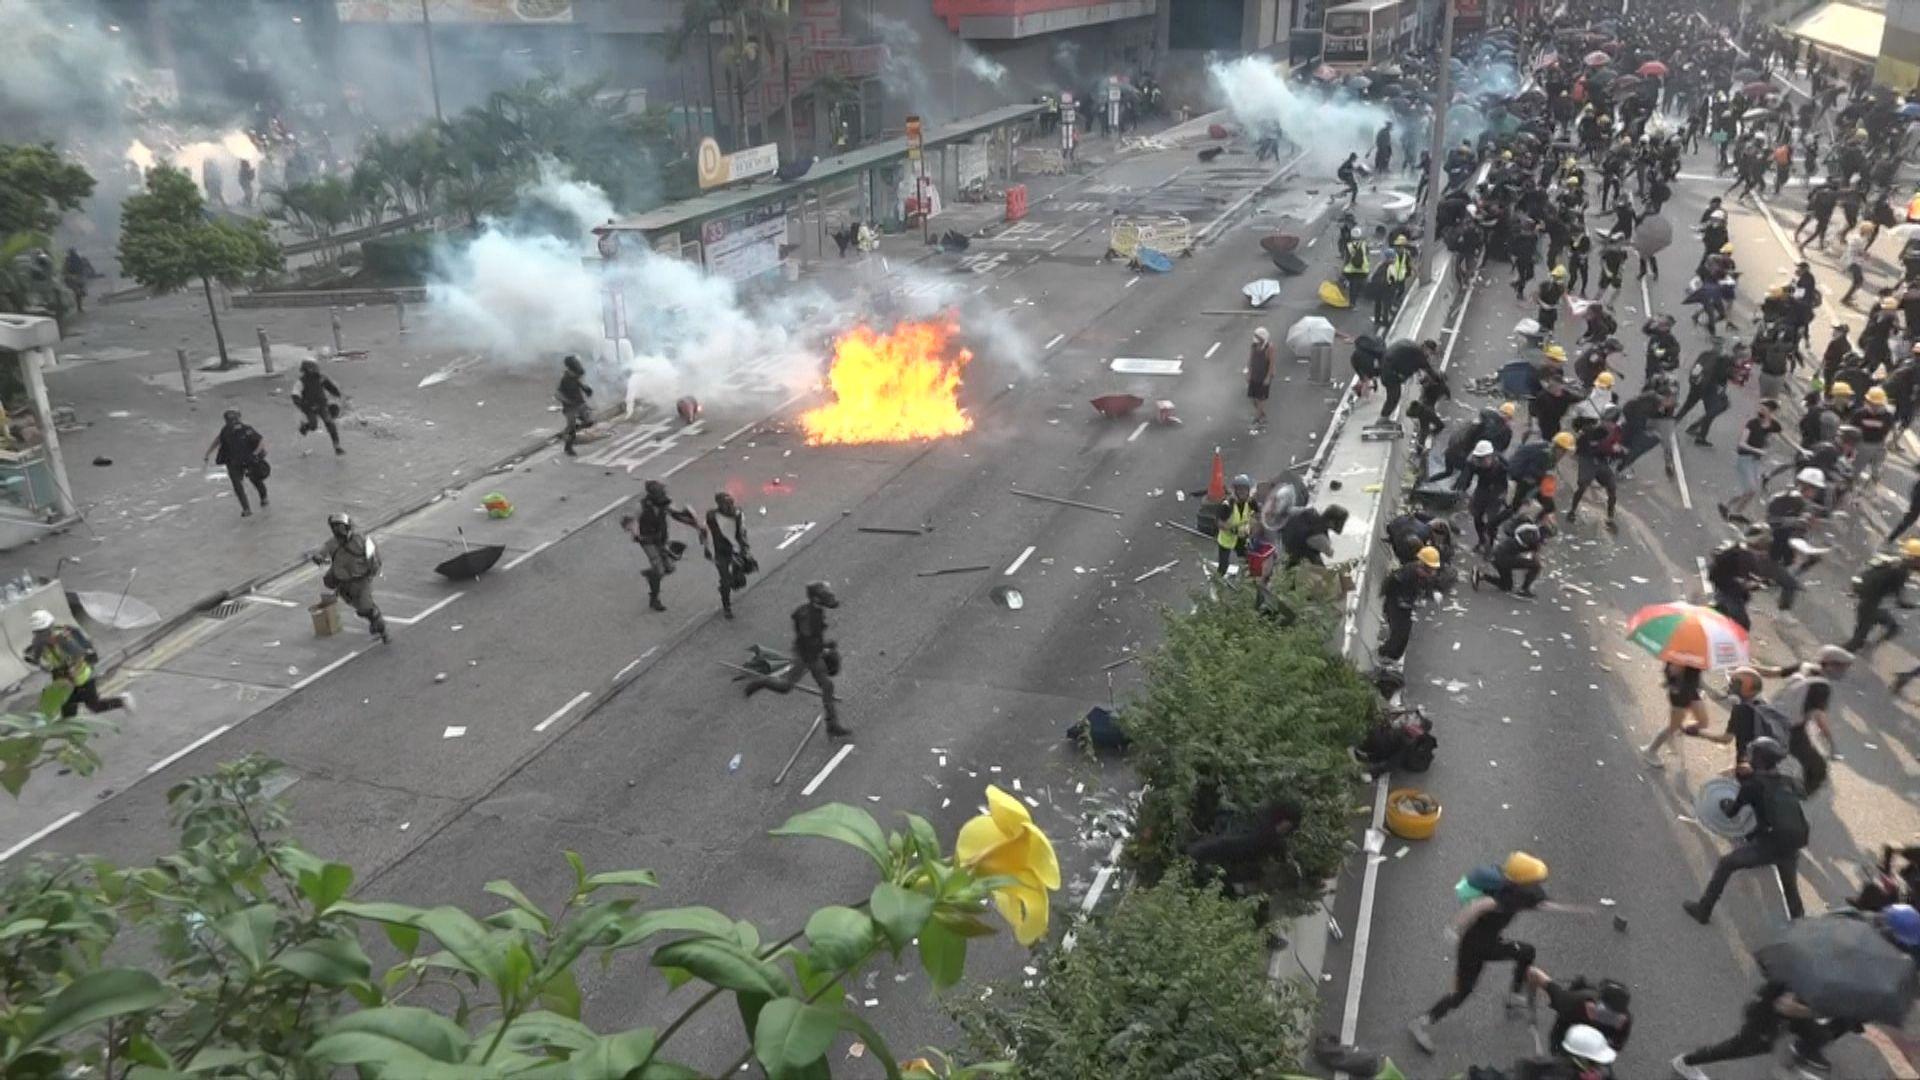 黃大仙示威者堵路與警爆多輪衝突